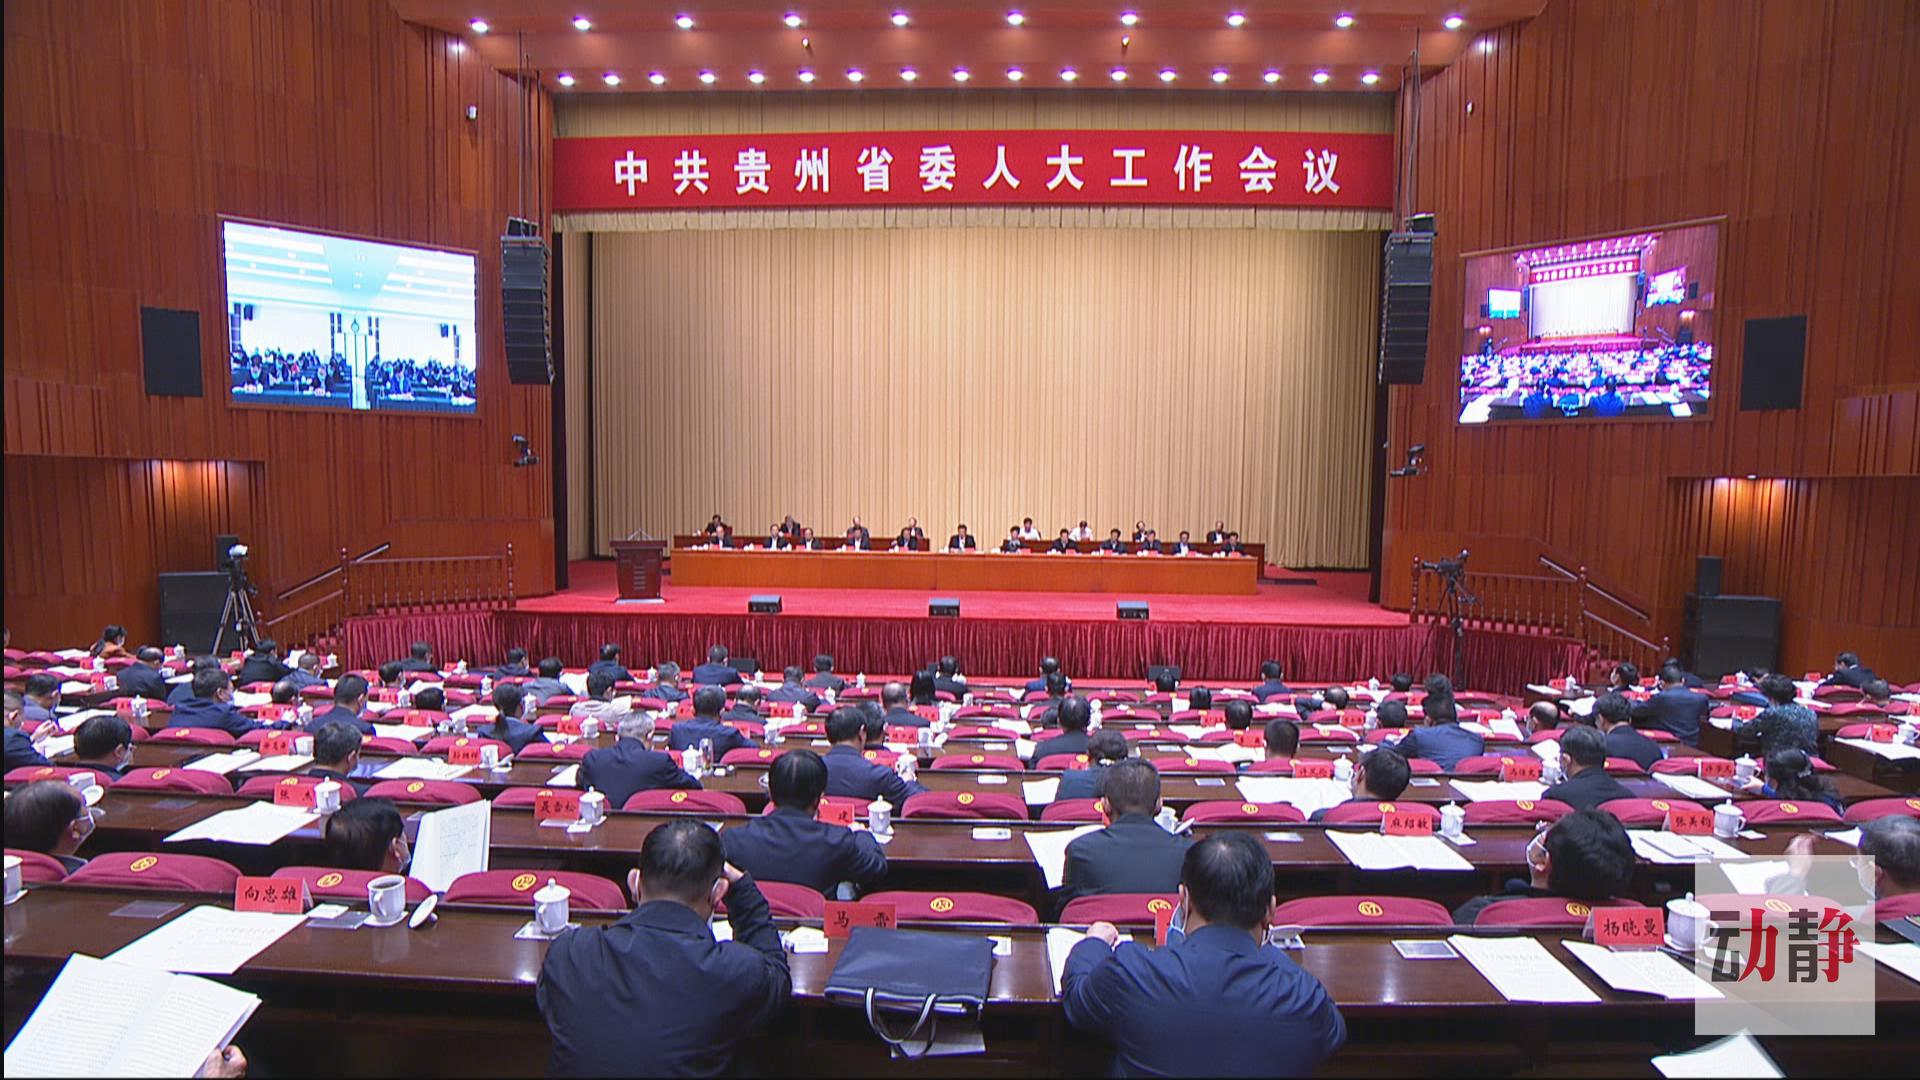 9月24日《贵州新闻联播》将关注这些内容